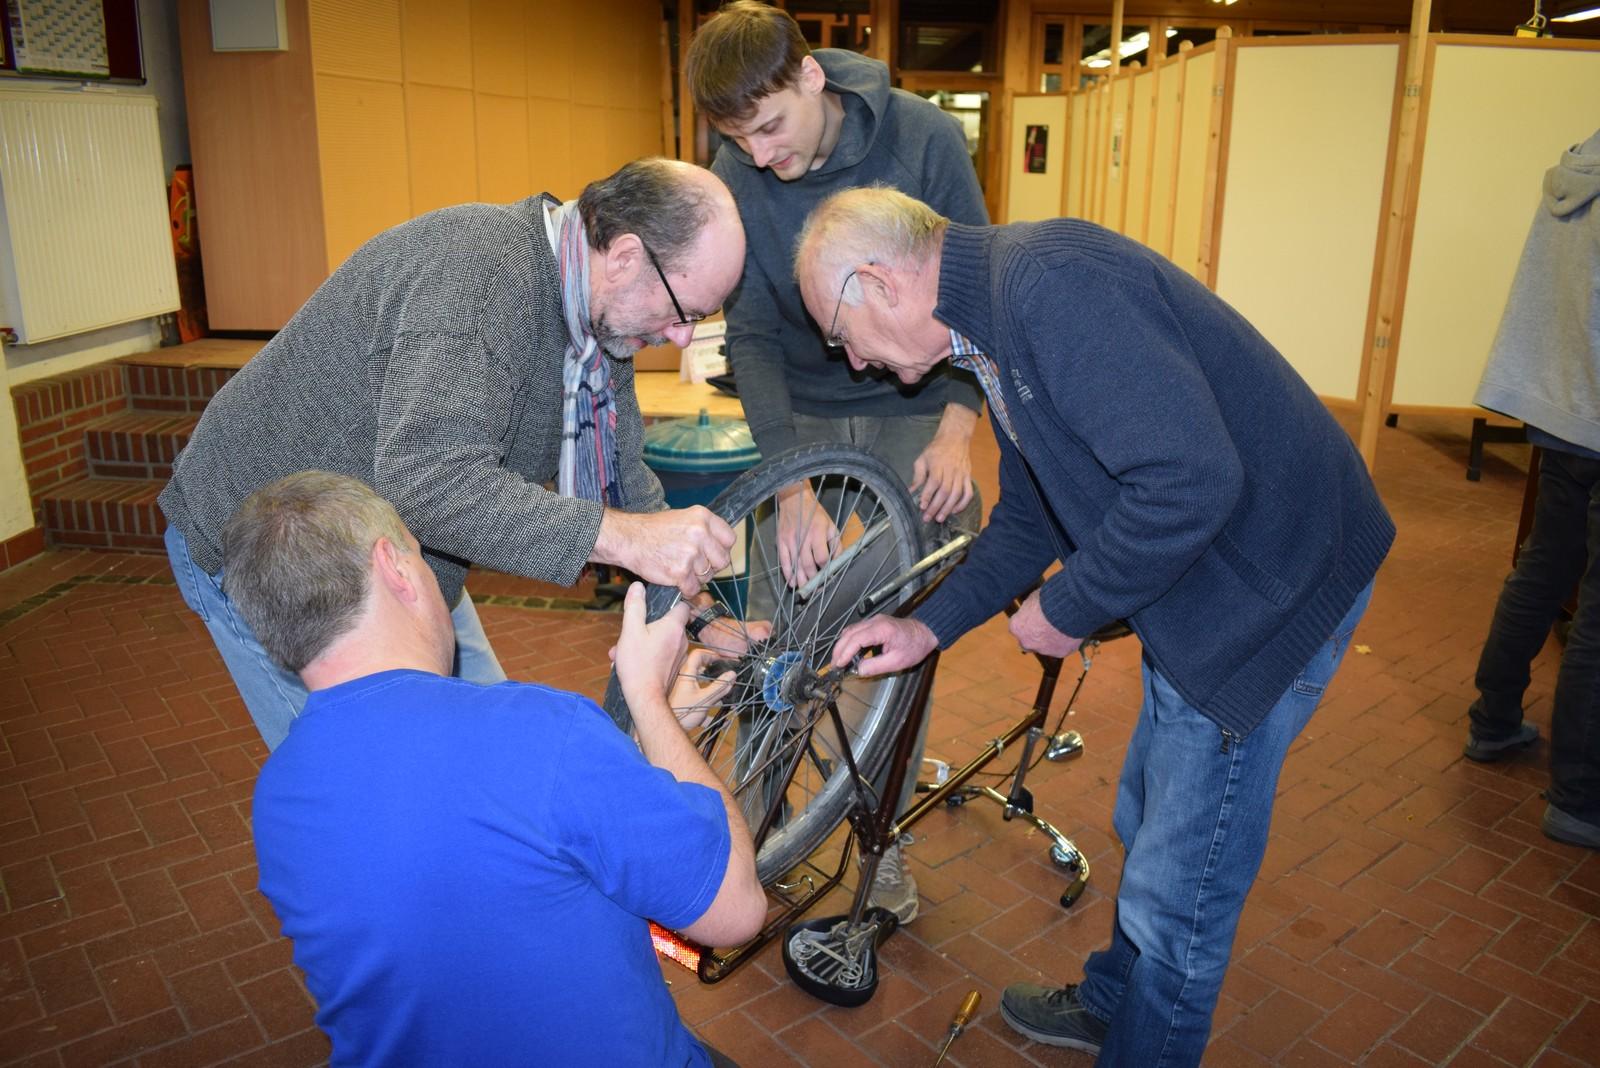 In der Fahrradwerkstatt herrschte reger Andrang. Hier wandten sich die Reparaturfreunde einem blockierten Hinterrad zu.